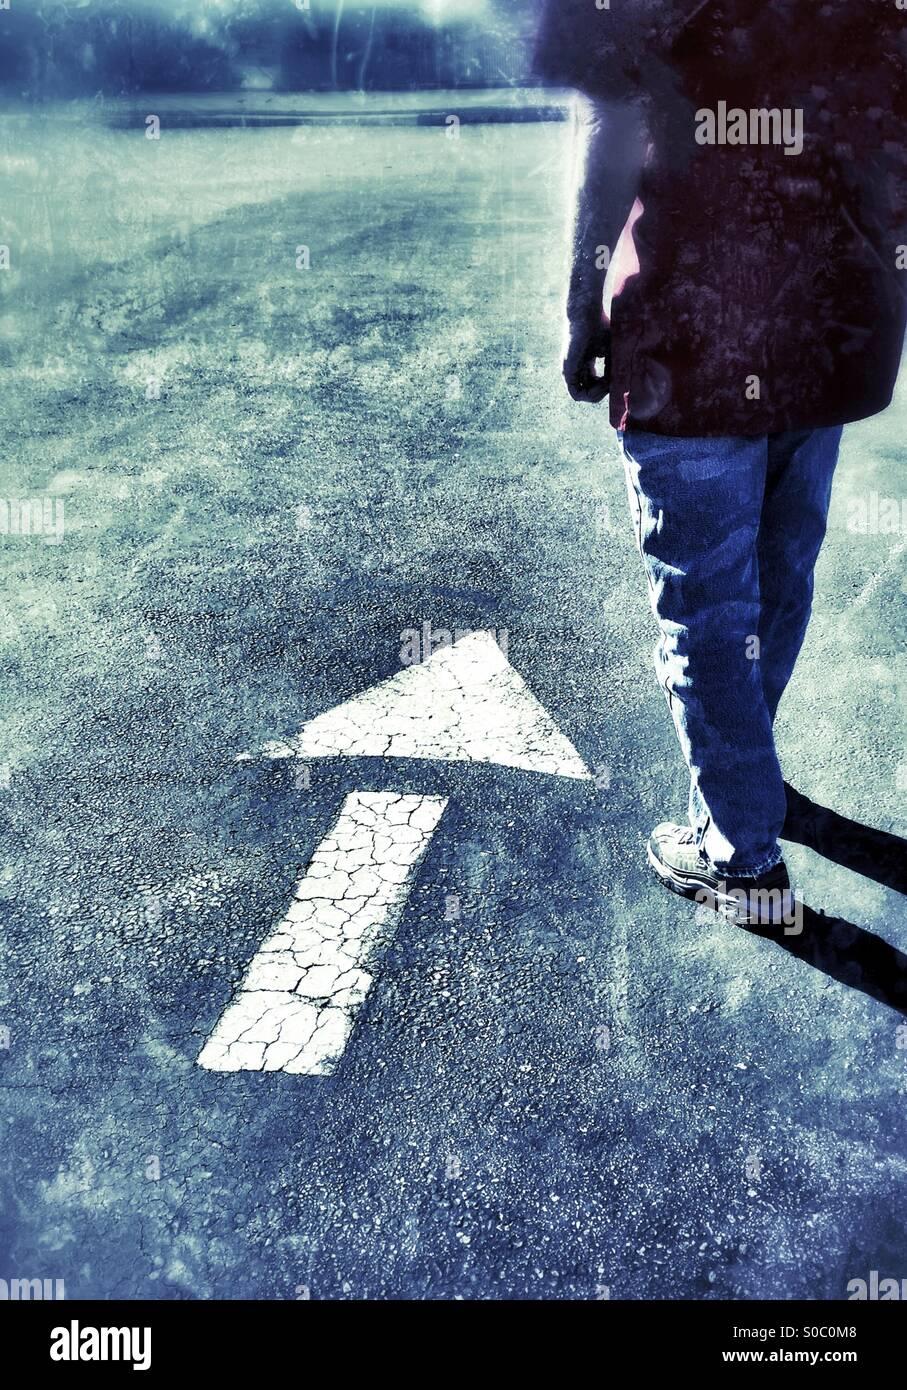 Homme debout à côté d'une flèche pointant vers le haut ou vers l'avant Photo Stock